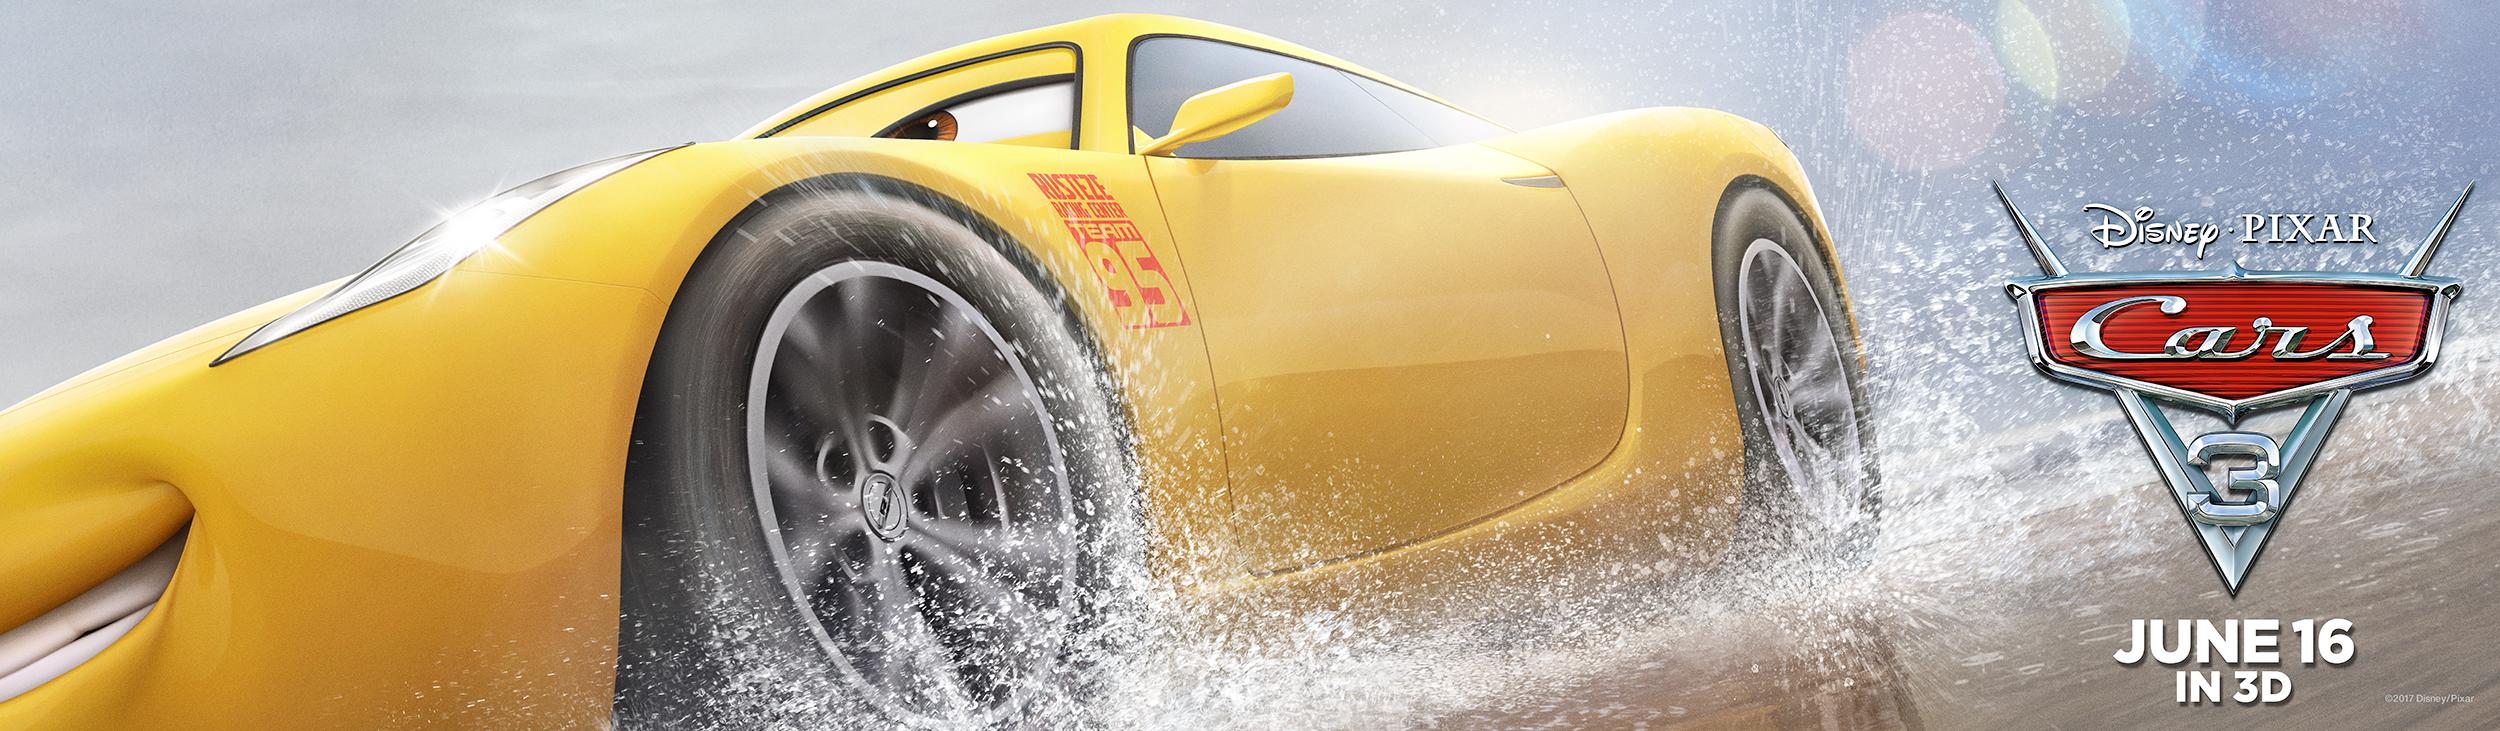 Cars 3 | Cruz Billboard Concept, Finishing & Illustration